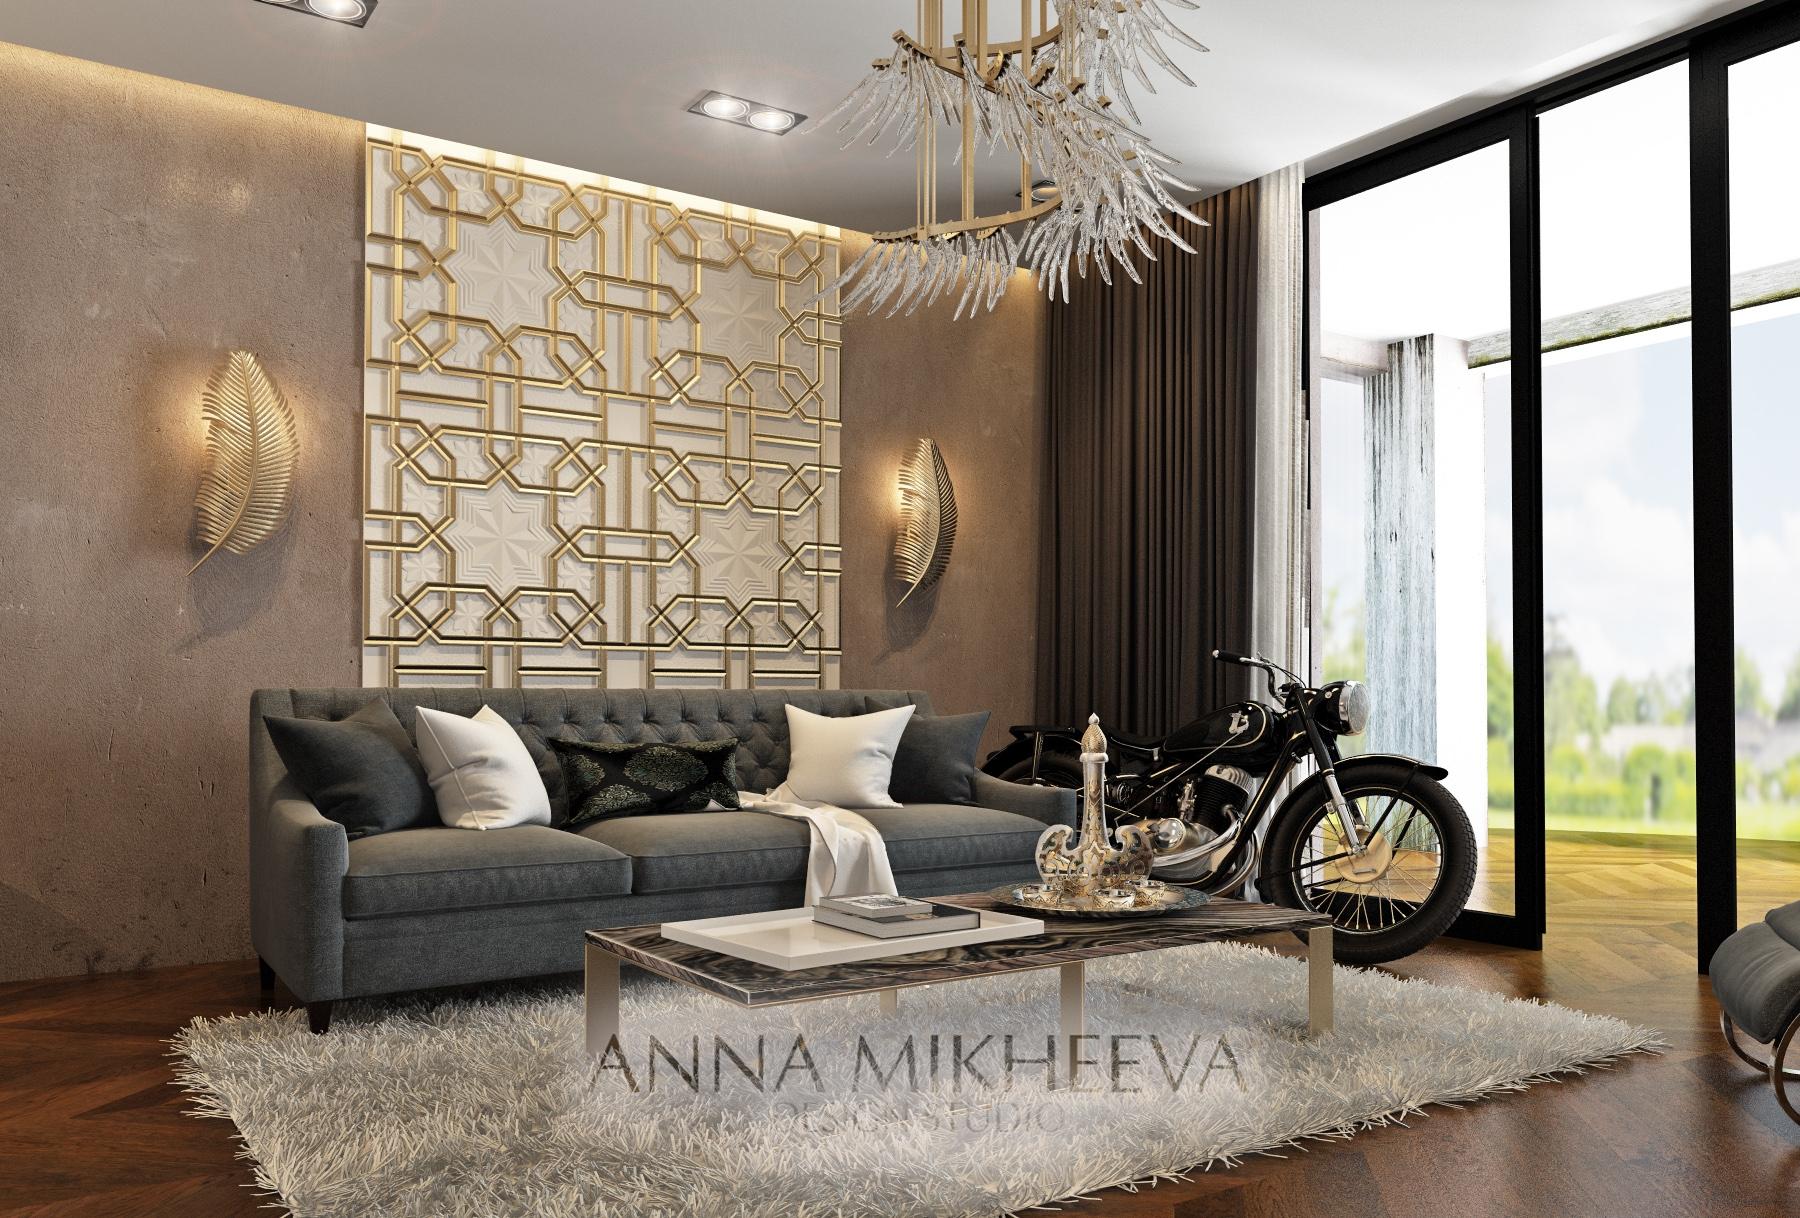 Ремонт квартир в Нур-Султане. Фото.